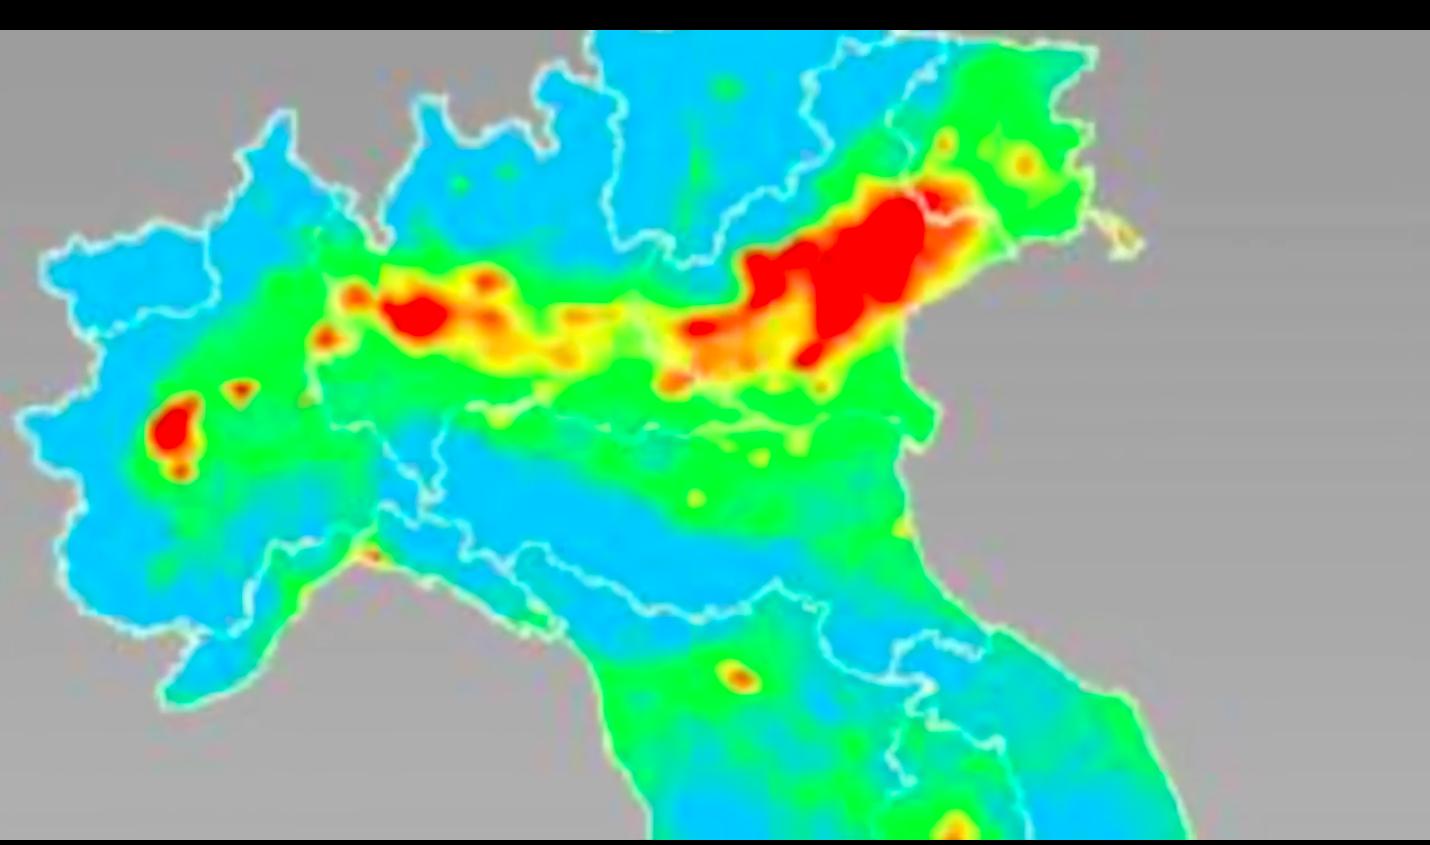 ++ VENETI, RIPRENDIAMOCI IN MANO IL NOSTRO DESTINO ++  Dibattito pubblico – Mestre 8 novembre 2019, ore 20.30 – Hotel Ai Pini, via Miranese 176  – 20.000 veneti fuggono all'estero ogni anno – acqua più inquinata d'Europa – aria più inquinata d'Europa – tasse più alte d'Europa  Partecipa! Sostieni il progetto […]